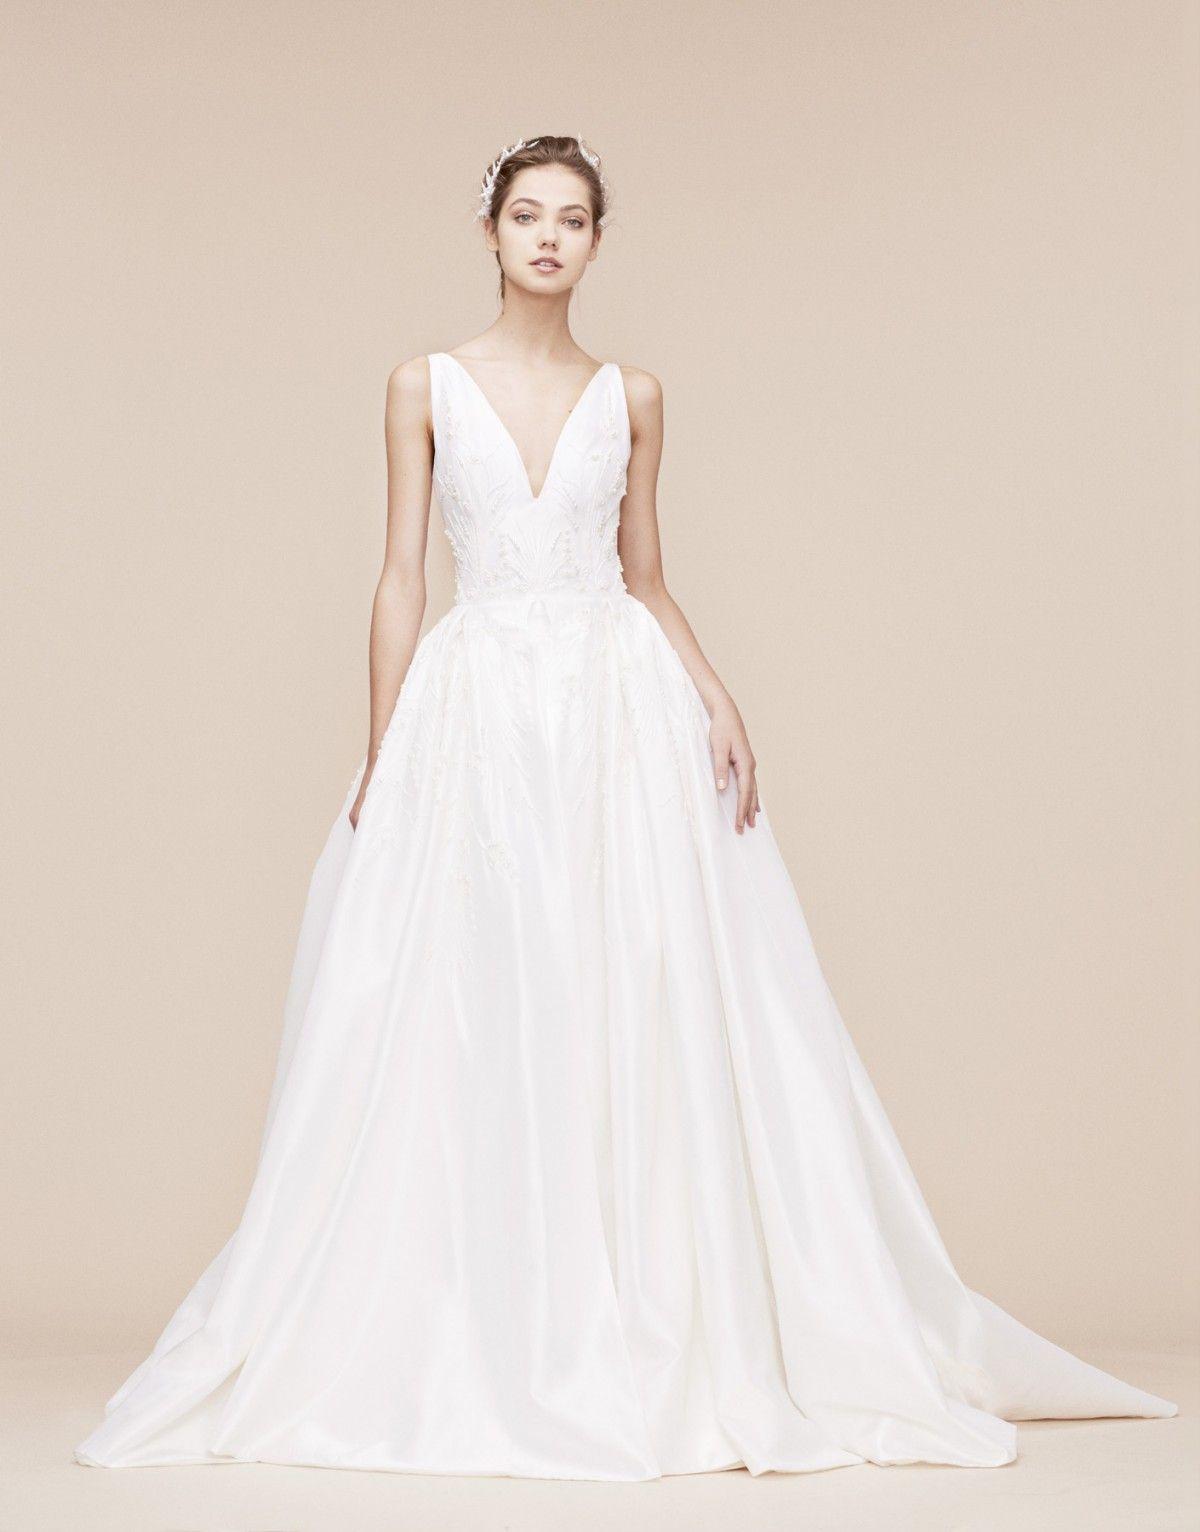 Dusty blue wedding dress  Georges Hobeika  Bridal Bridal AW   Look   Fashion